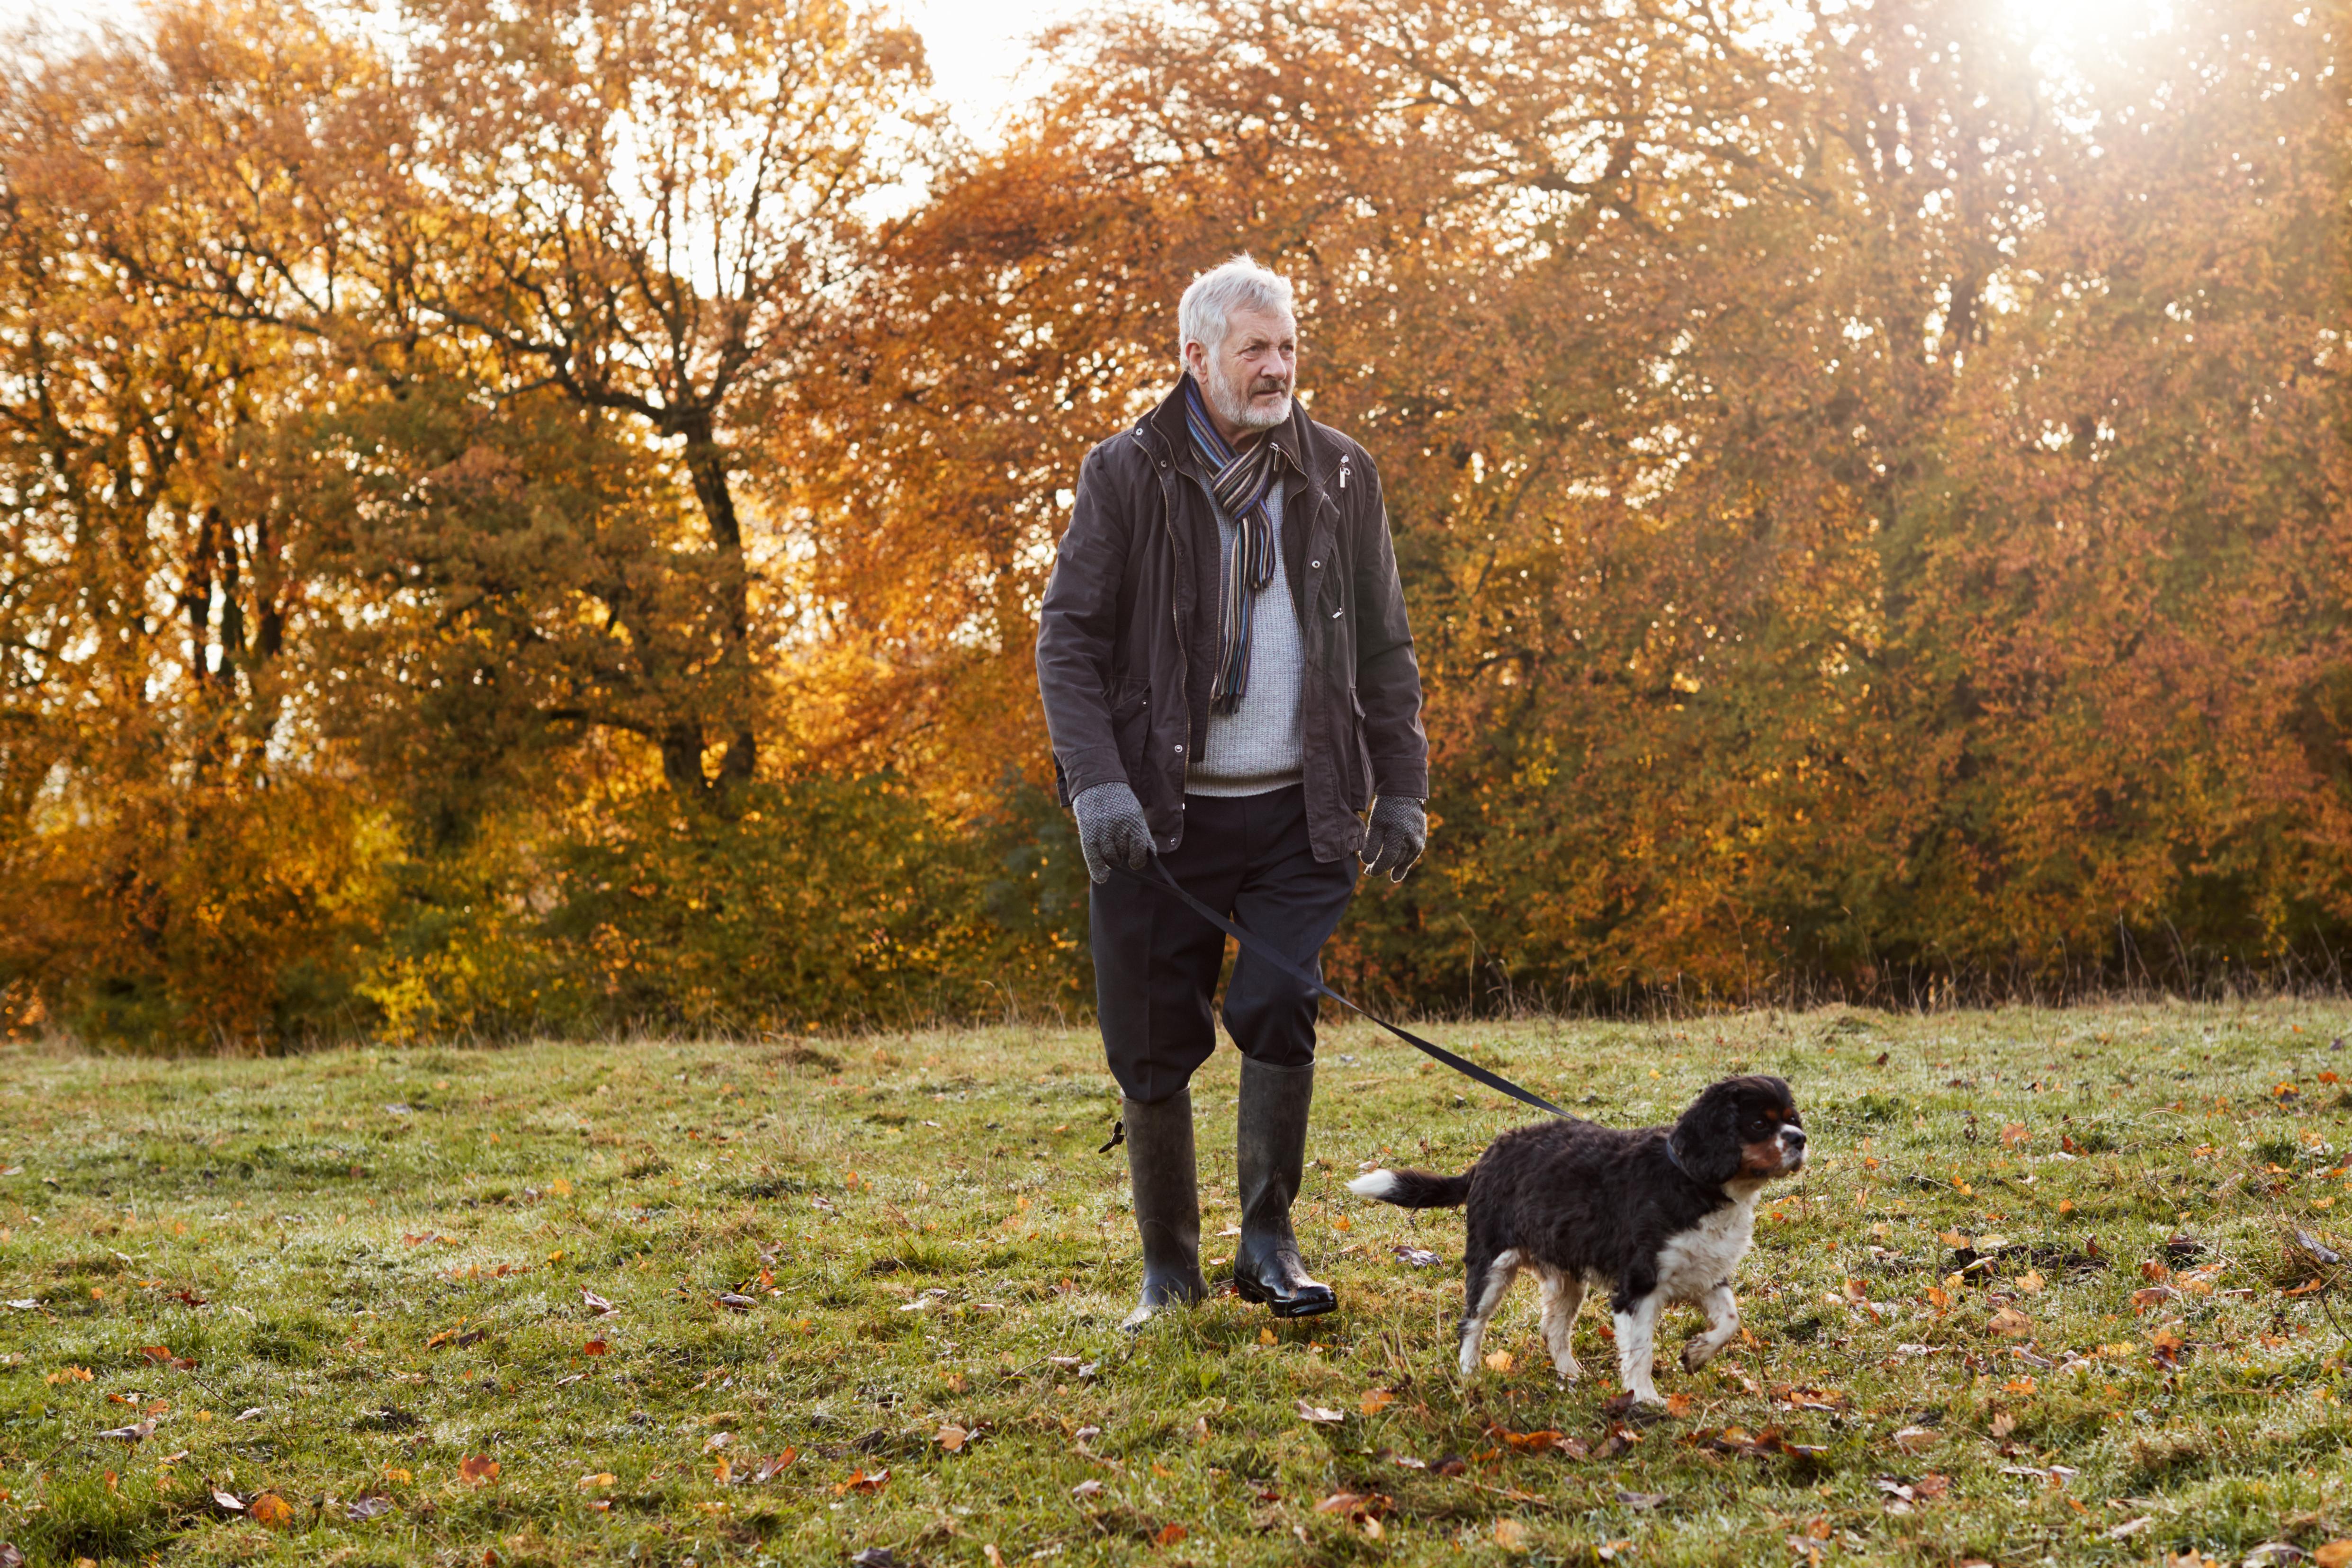 Lätt fysisk aktivitet, som promenader, har effekt på de vanliga riskfaktorerna för svår stroke som exempelvis diabetes, blodtryck och blodfetter.